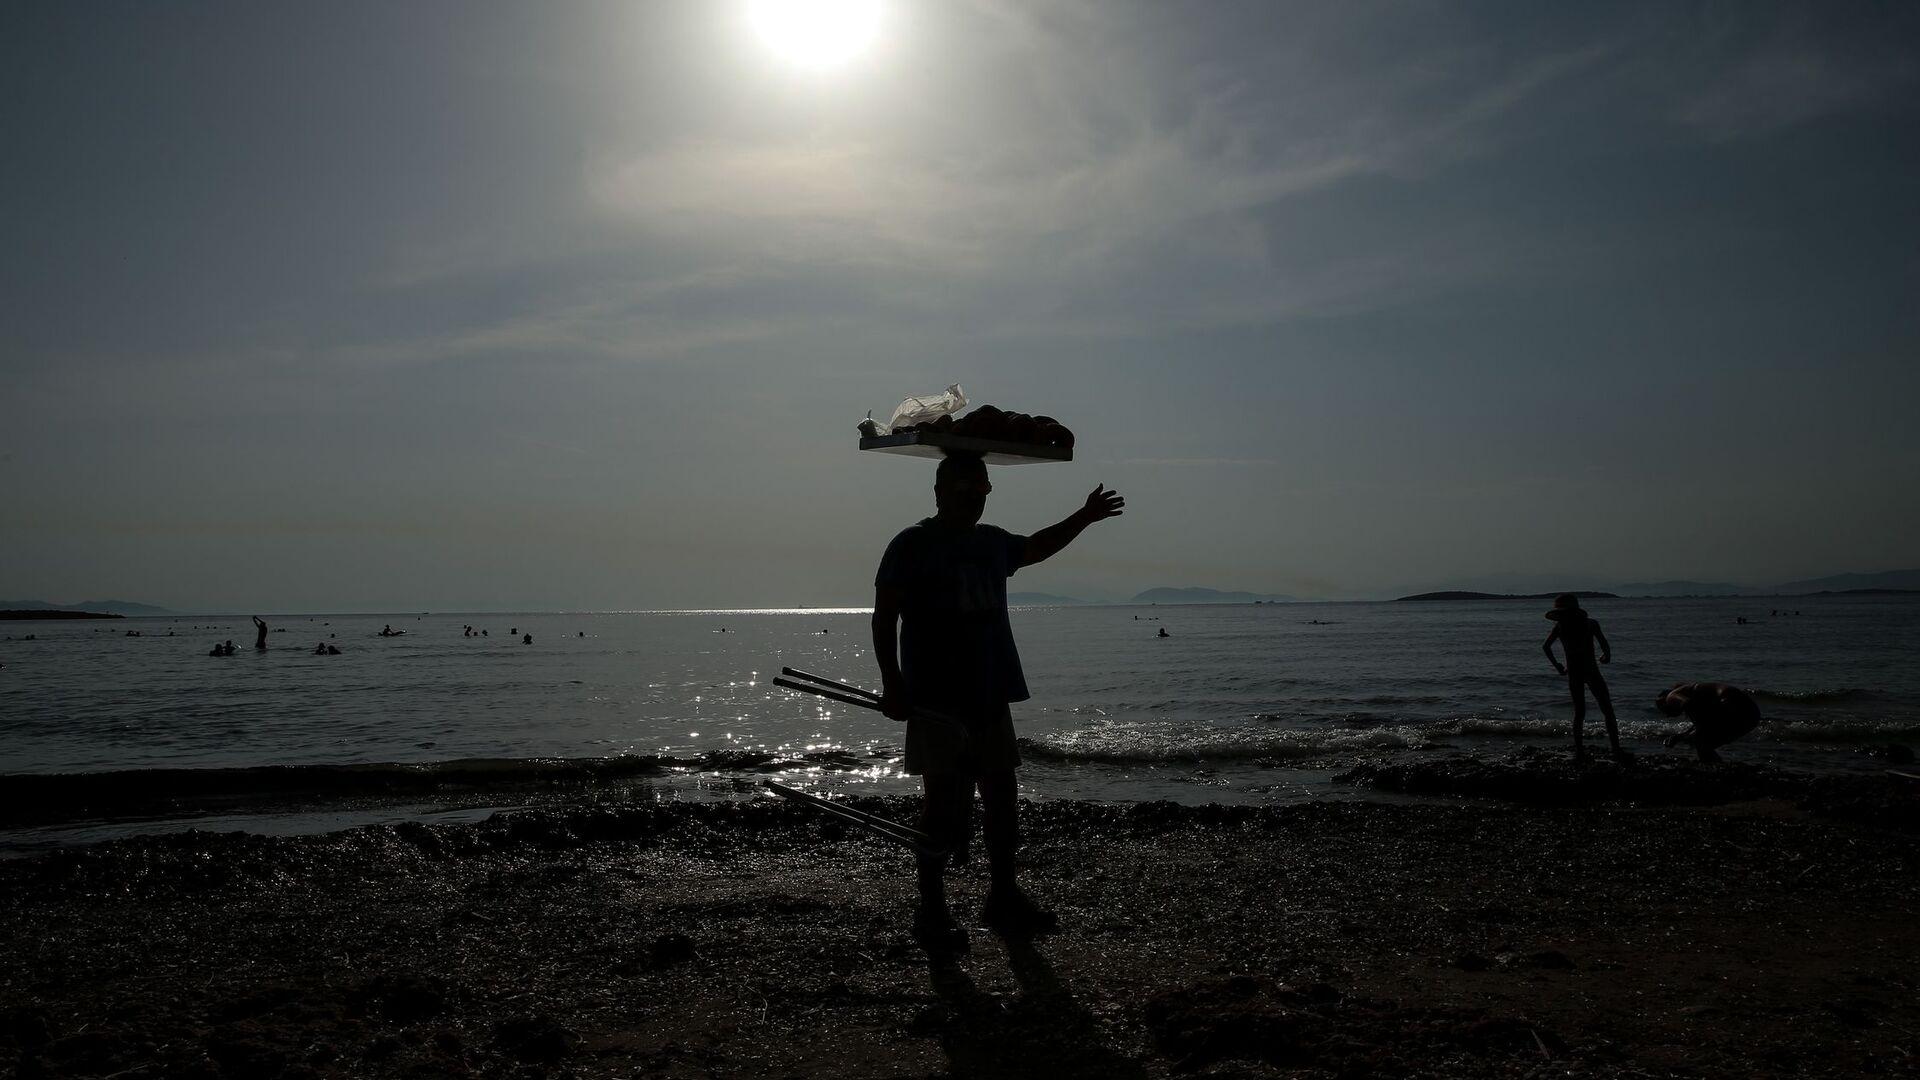 Στιγμιότυπα από την παραλία στο Καβούρι. - Sputnik Ελλάδα, 1920, 22.09.2021